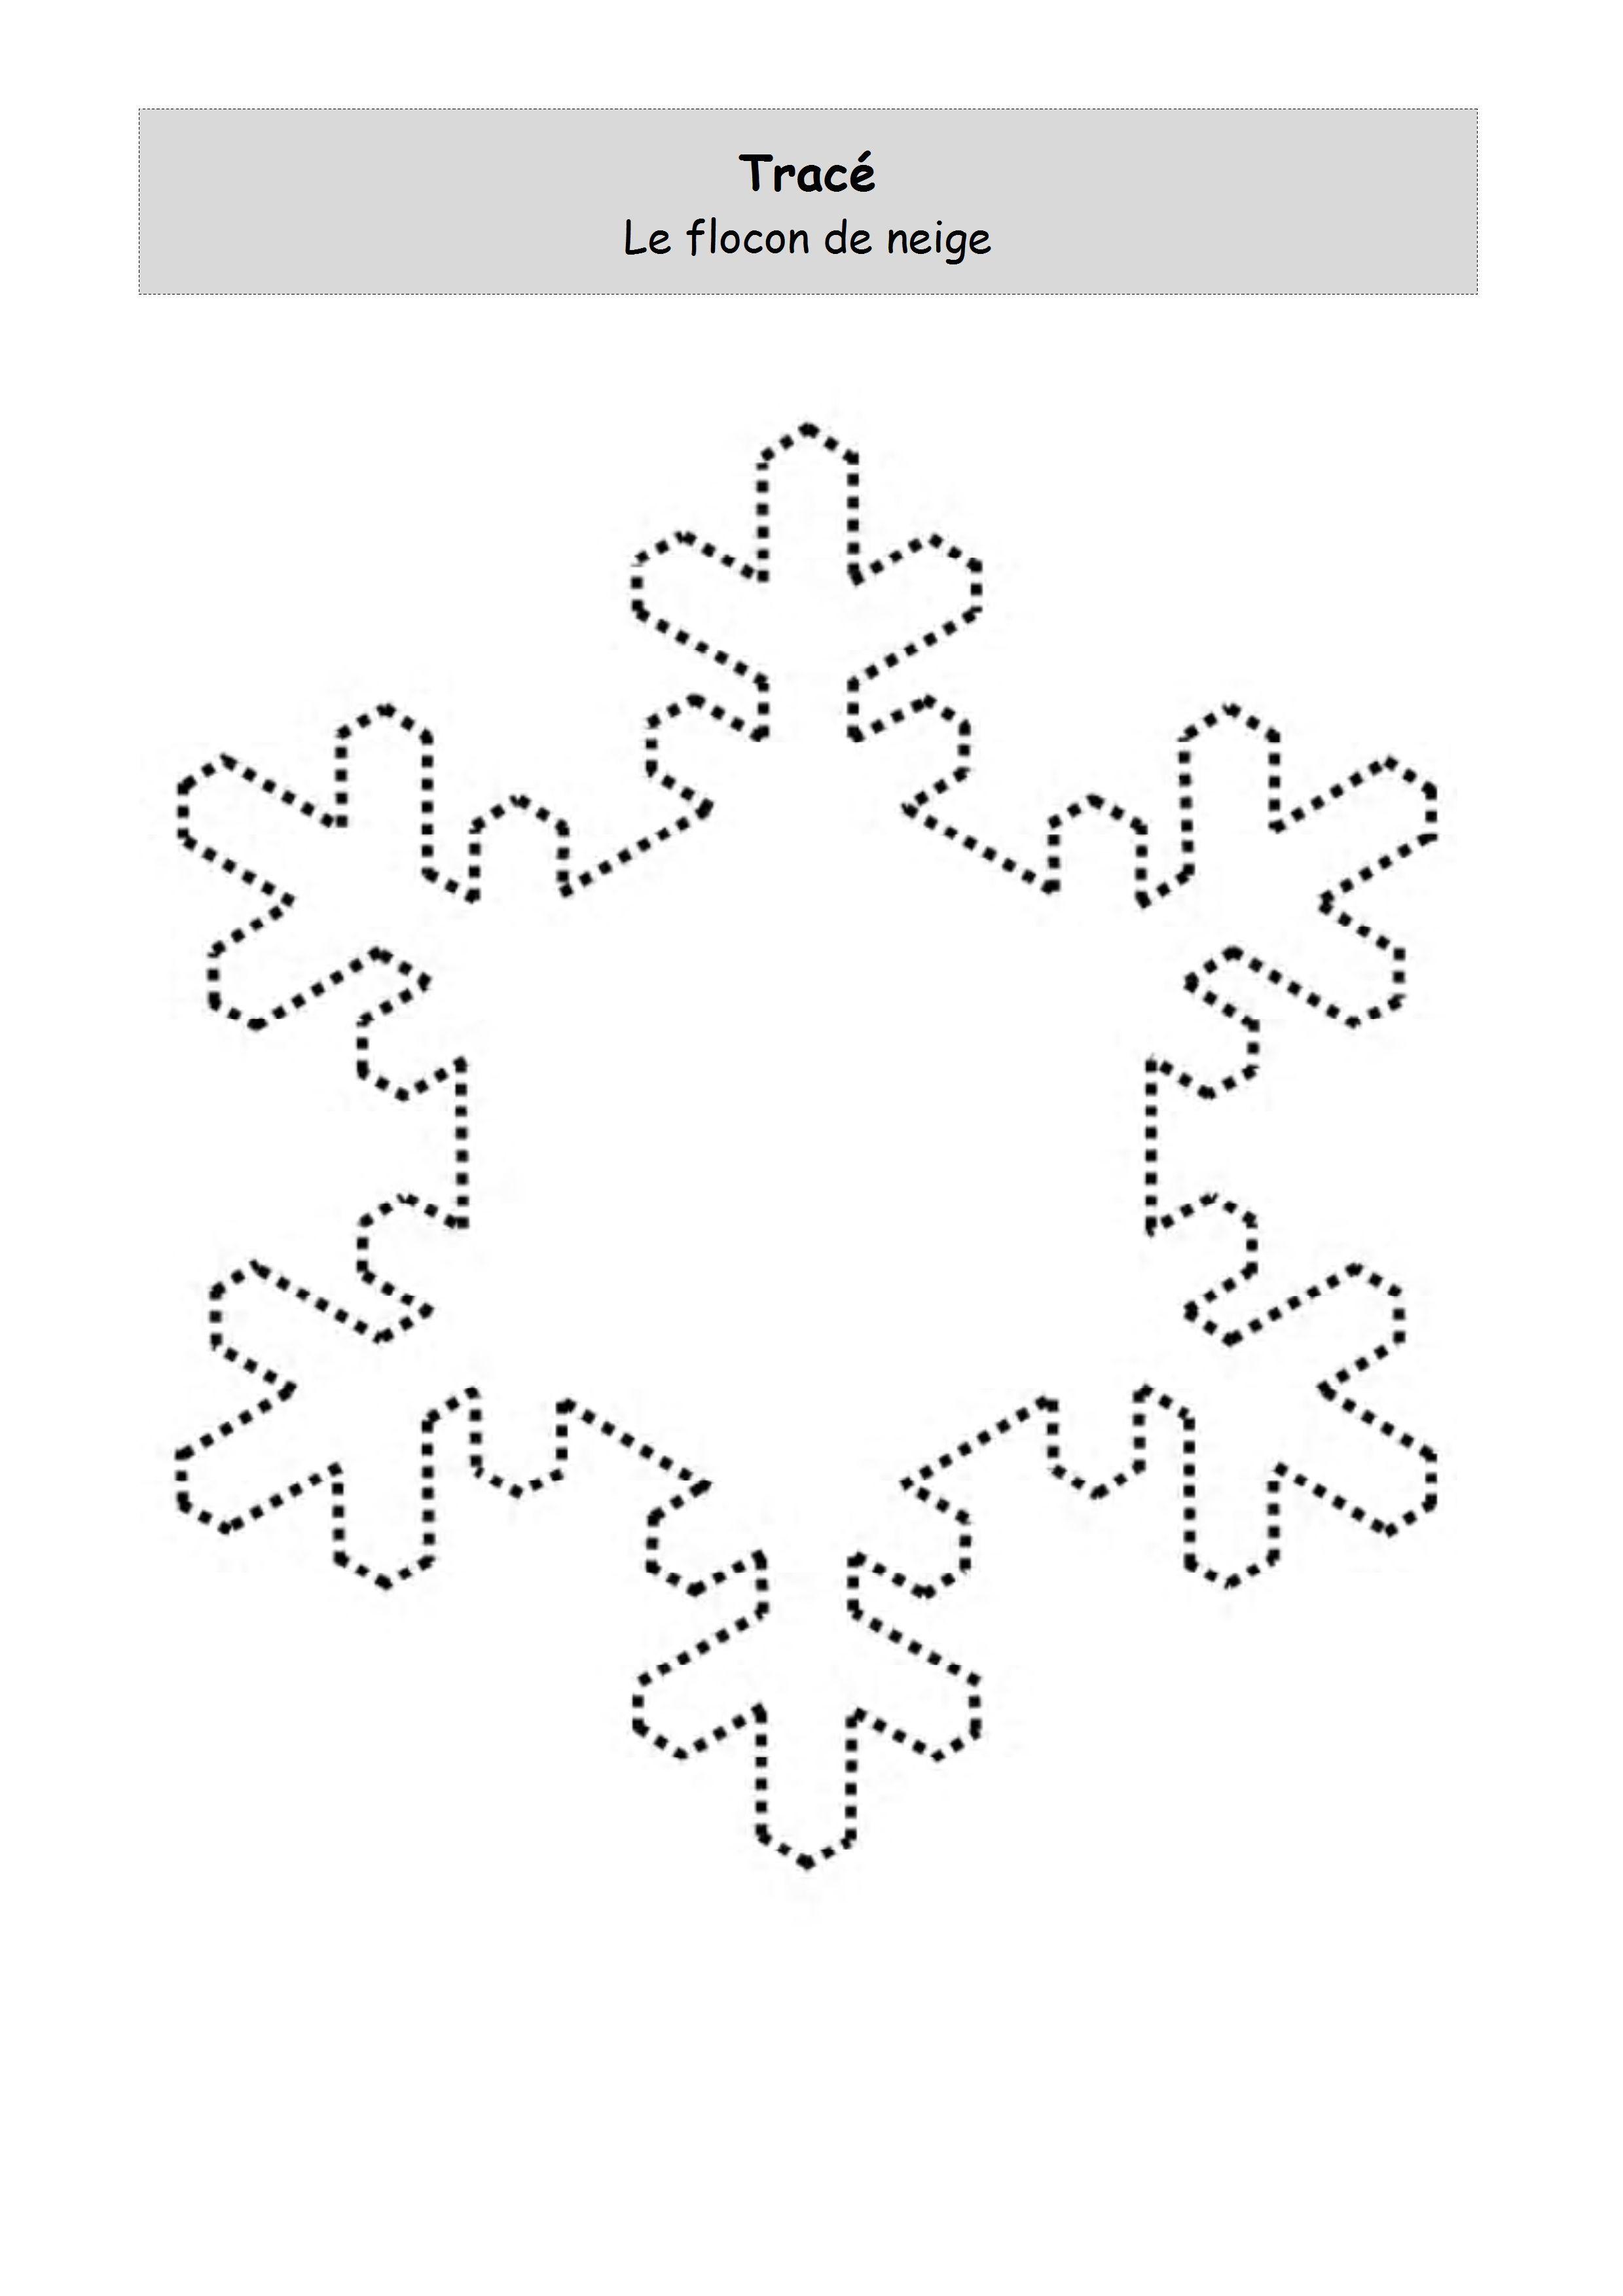 Dessin imprimer un flocon de neige pictures to pin on pinterest - Flocon de neige en papier a imprimer ...